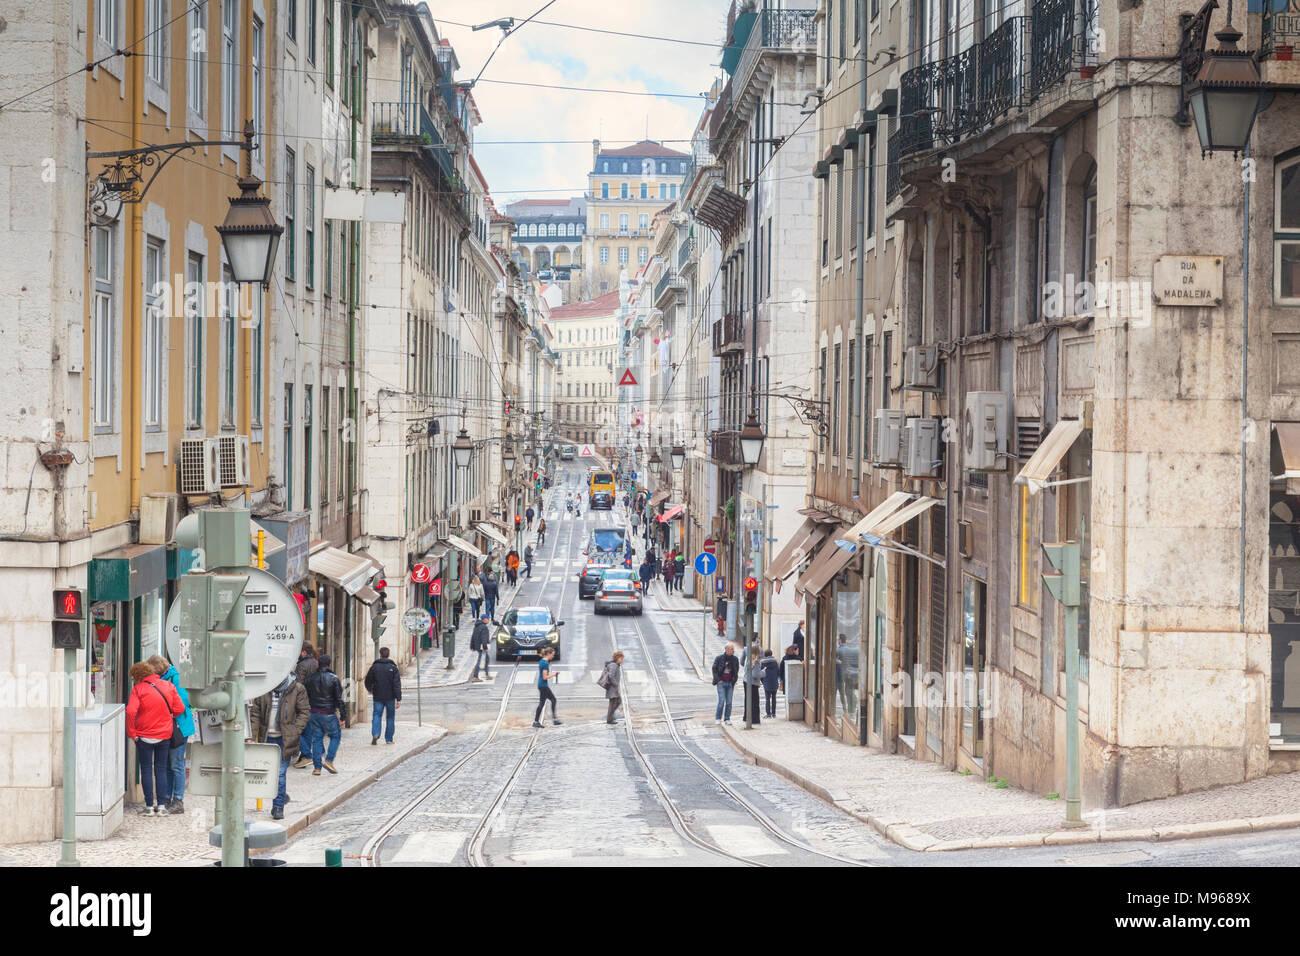 1 mars 2018: Lisbonne, Portugal - Rua da Conceicao, une rue animée de la ville centrale. Photo Stock